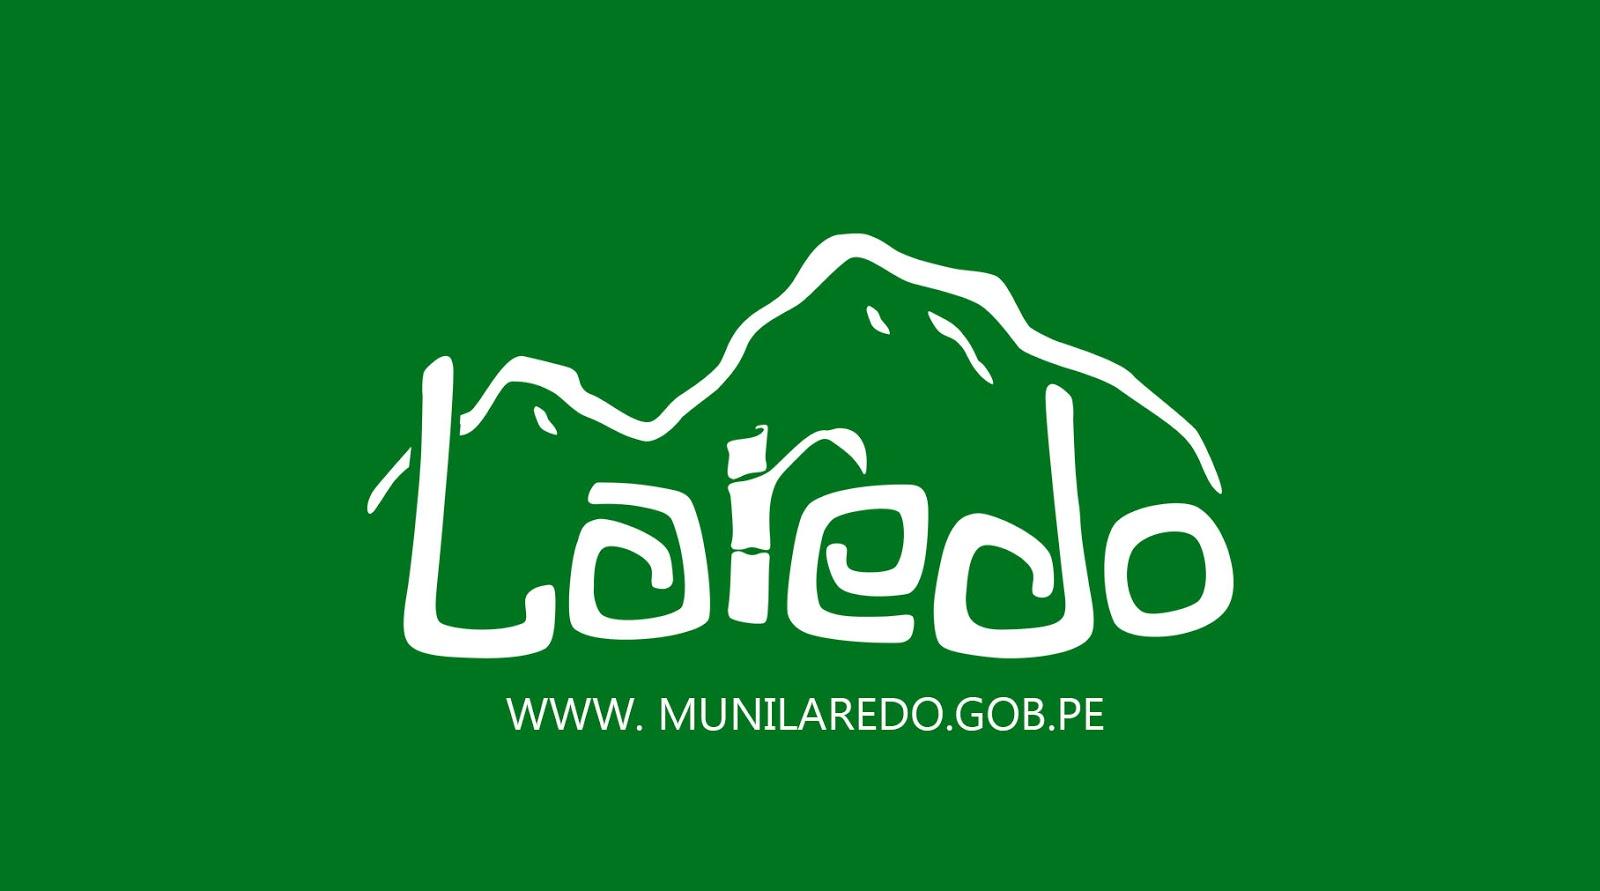 Logotipo Marca ciudad Laredo